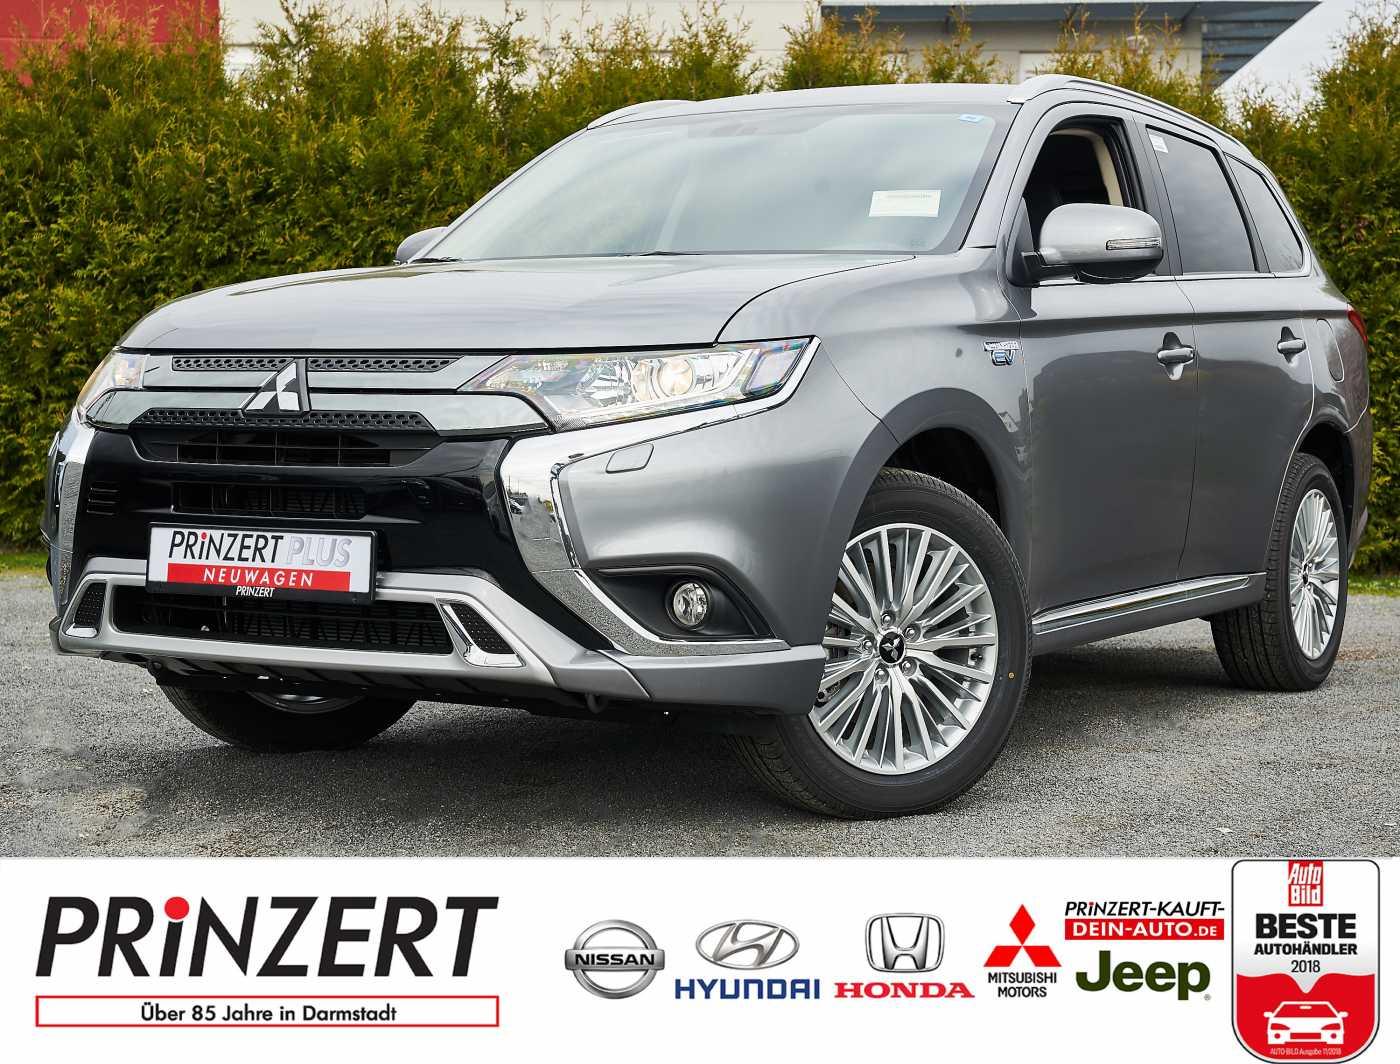 Mitsubishi Plug-in Hybrid Outlander 2.4 4WD 'Plus' Spirit inkl. Staatl. Förderung, Jahr 2020, Hybrid